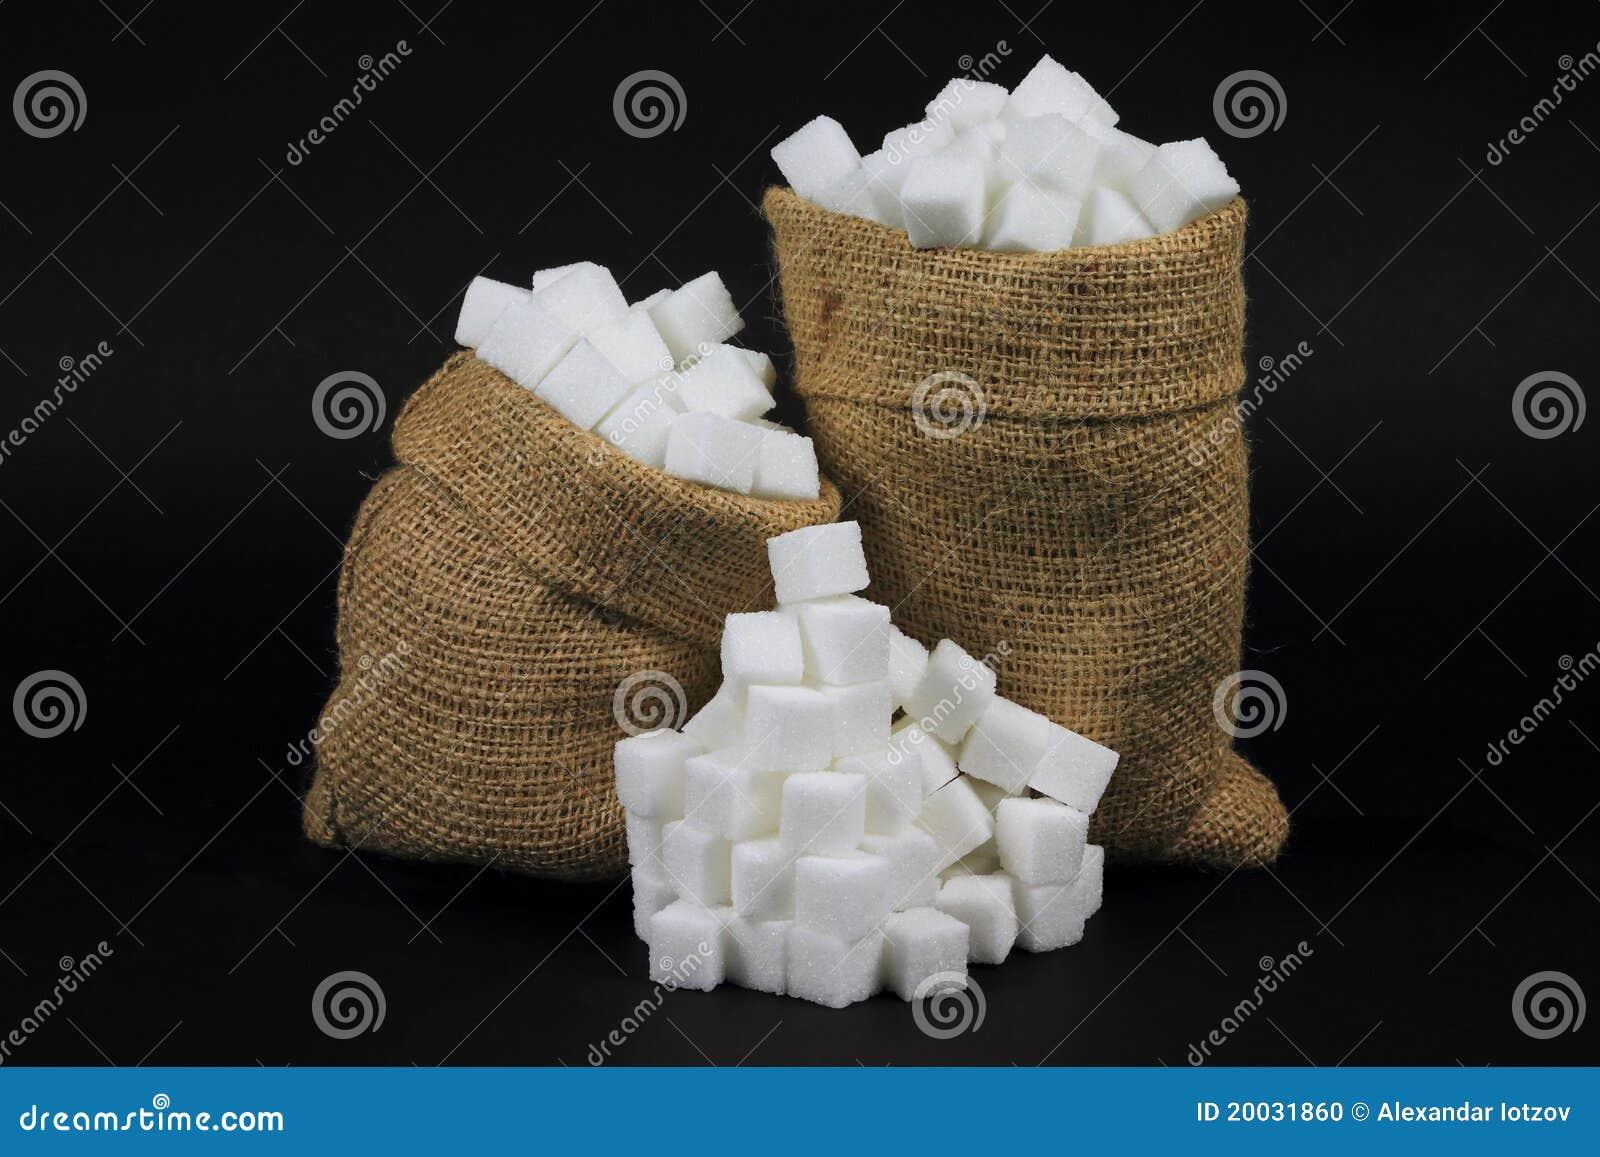 кубики мешковины мешков черные над сахаром